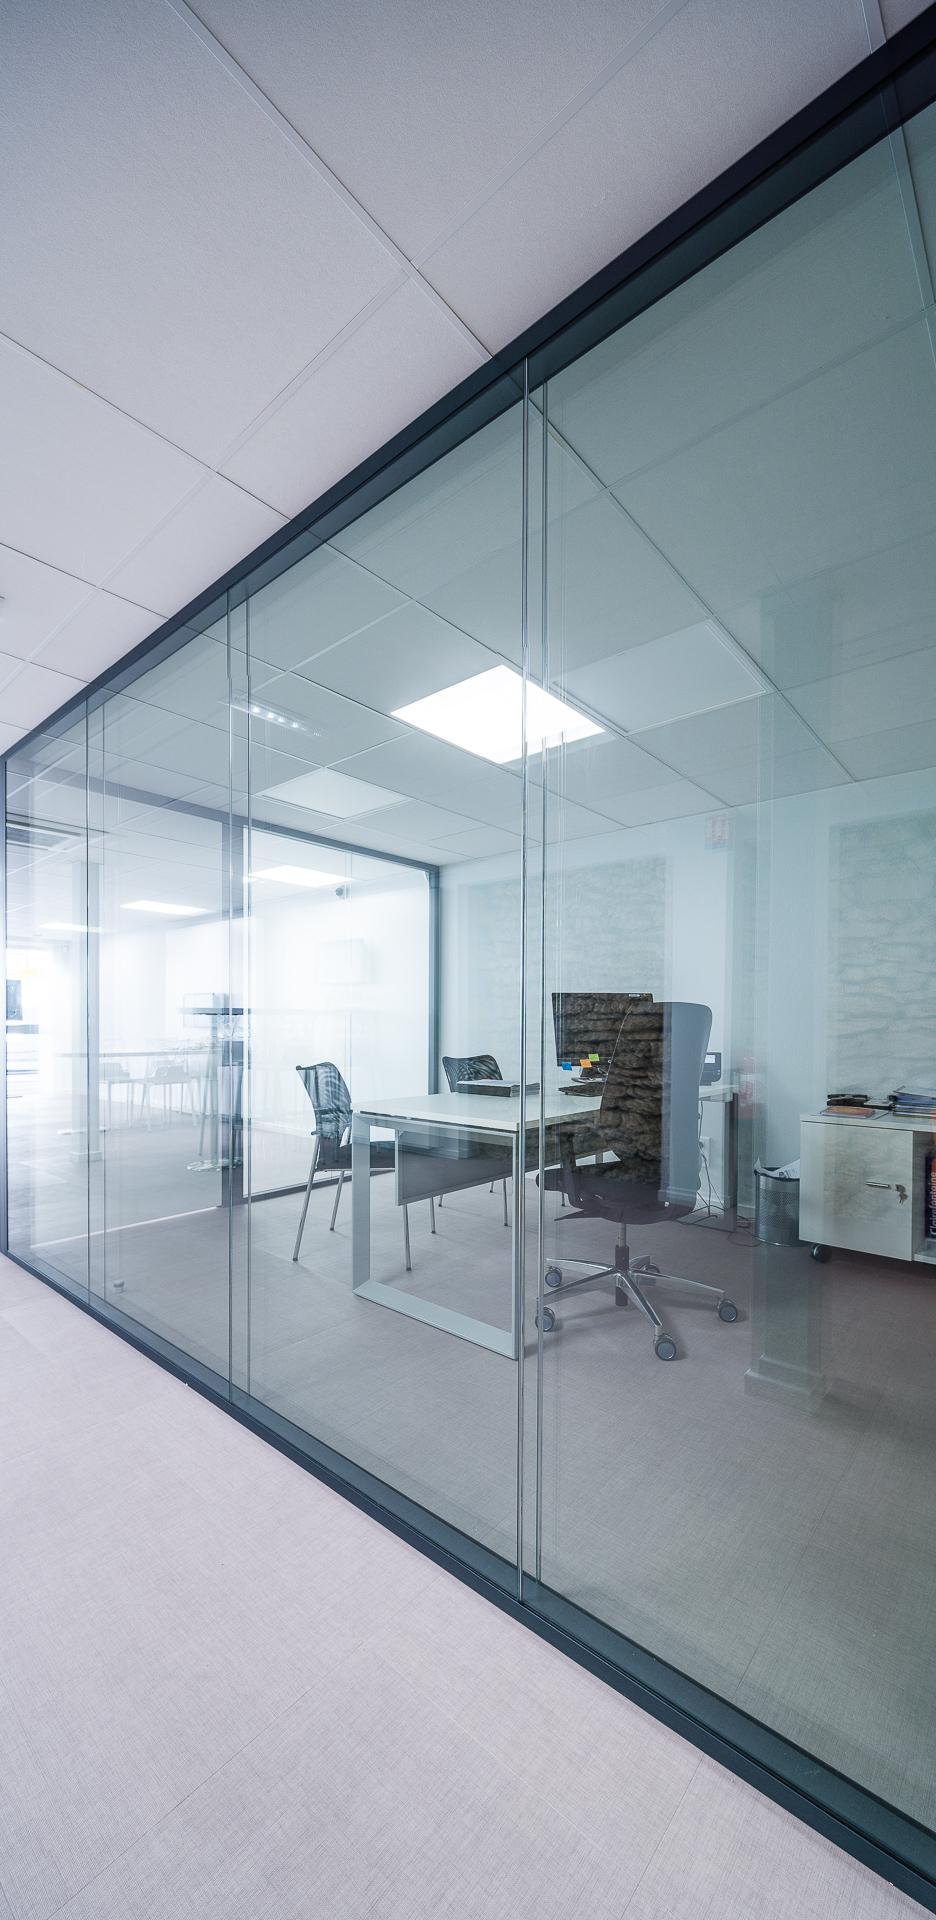 isolation phonique cloison interieure maison design. Black Bedroom Furniture Sets. Home Design Ideas